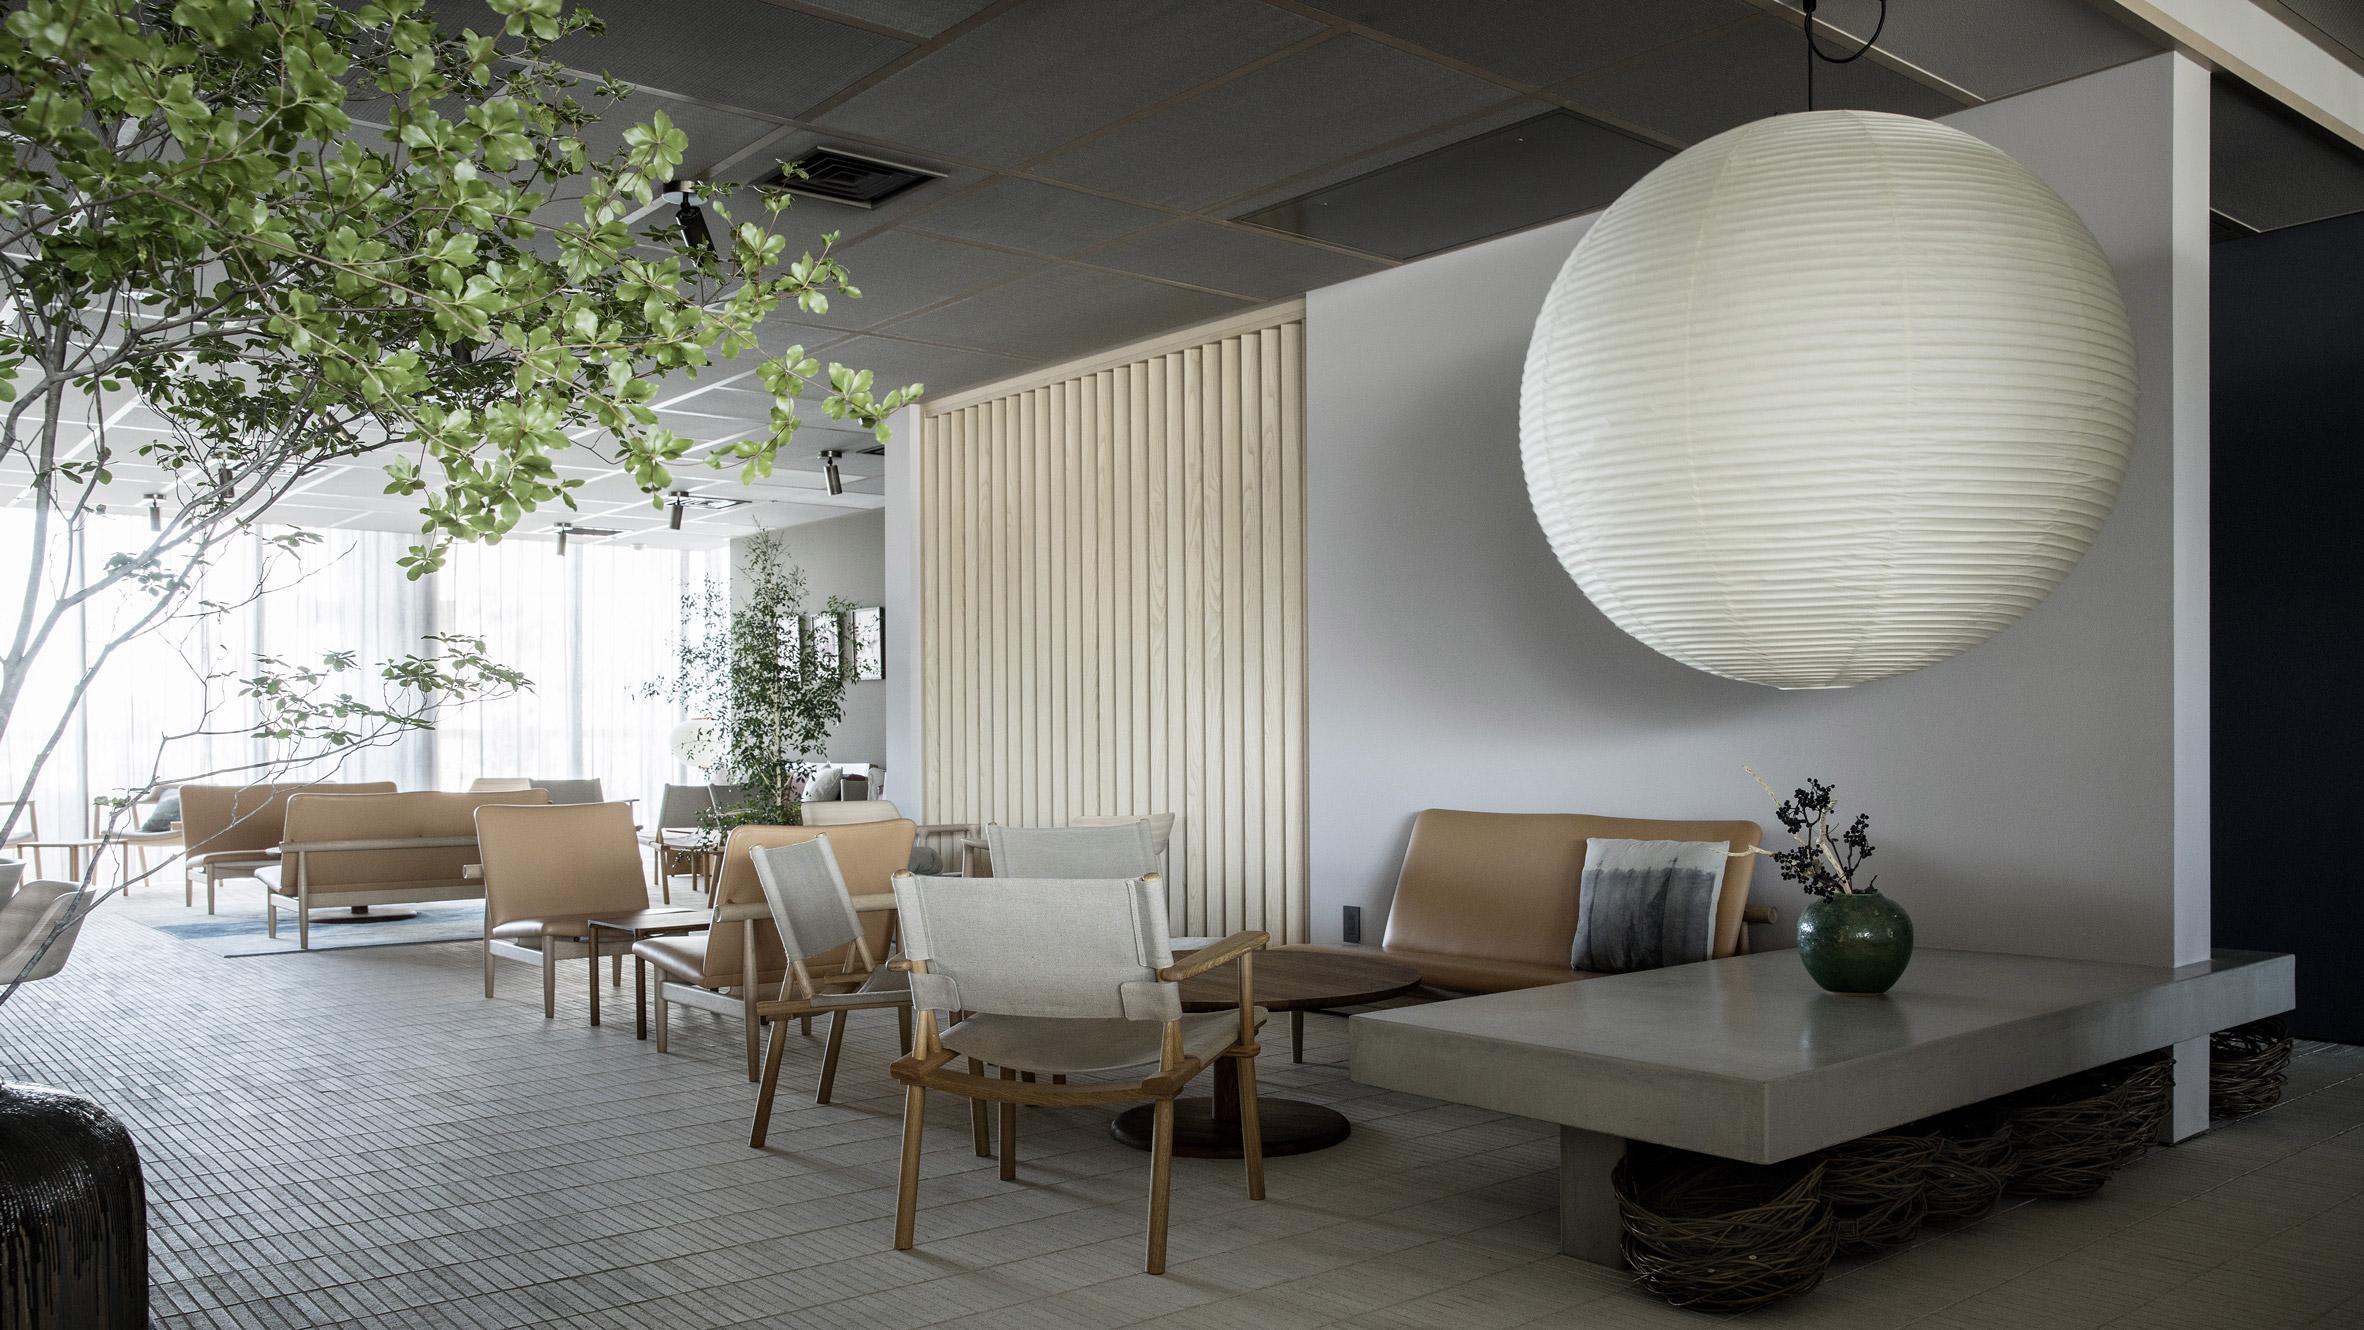 Tokyo S Inua Restaurant Blends Japanese And Scandinavian Aesthetics